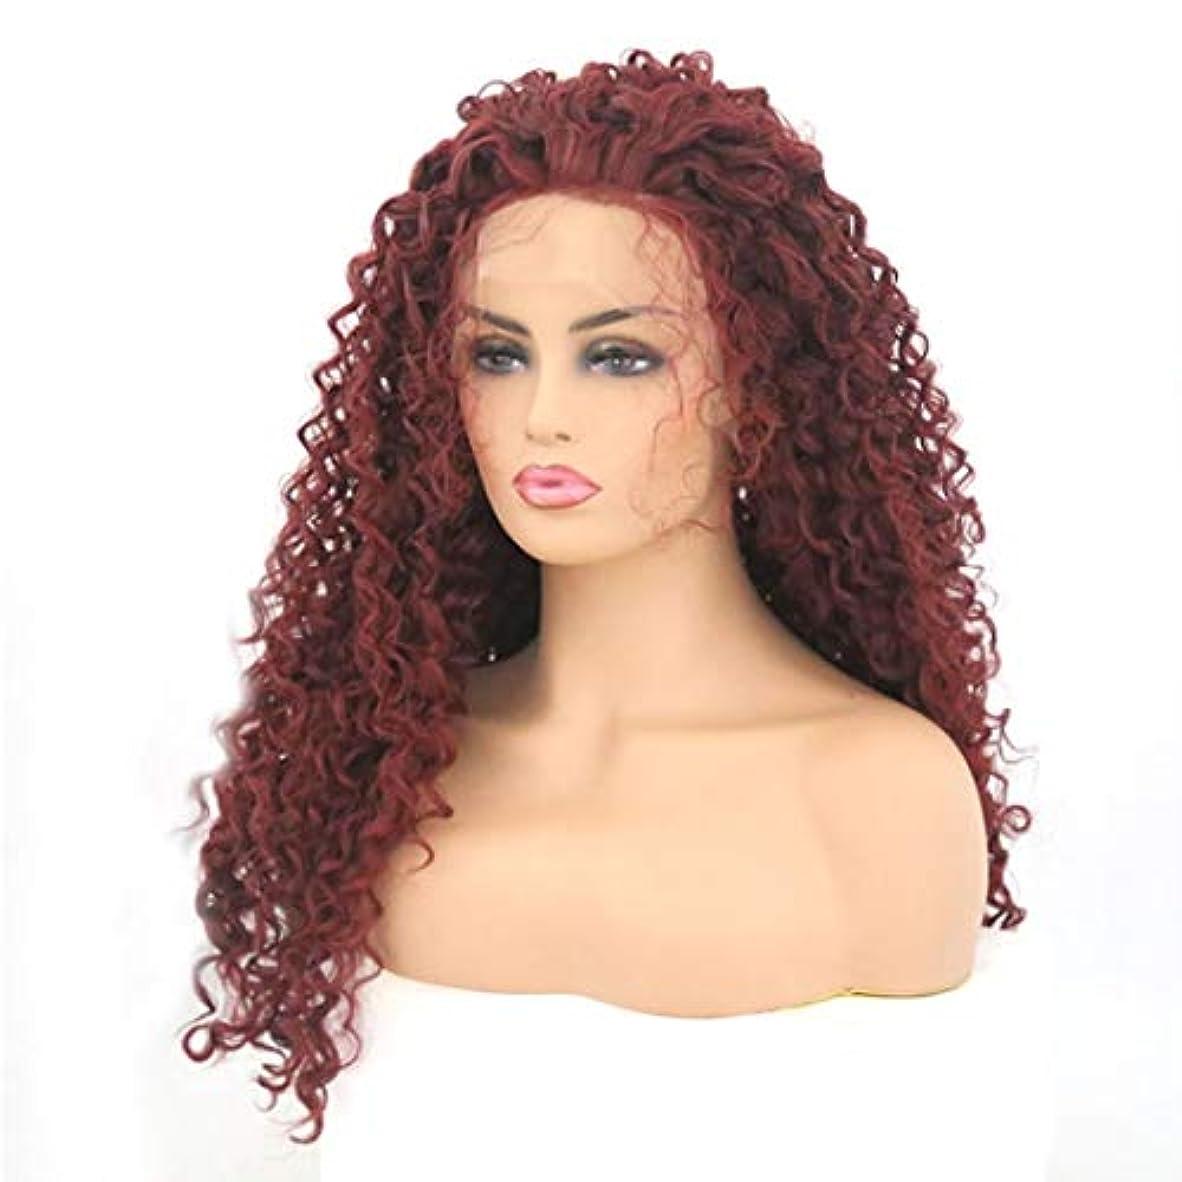 コインランドリースロットハードリングKerwinner 本物の髪として自然な女性のためのフロントレースワインレッドカーリーヘアー合成カラフルなコスプレデイリーパーティーウィッグ